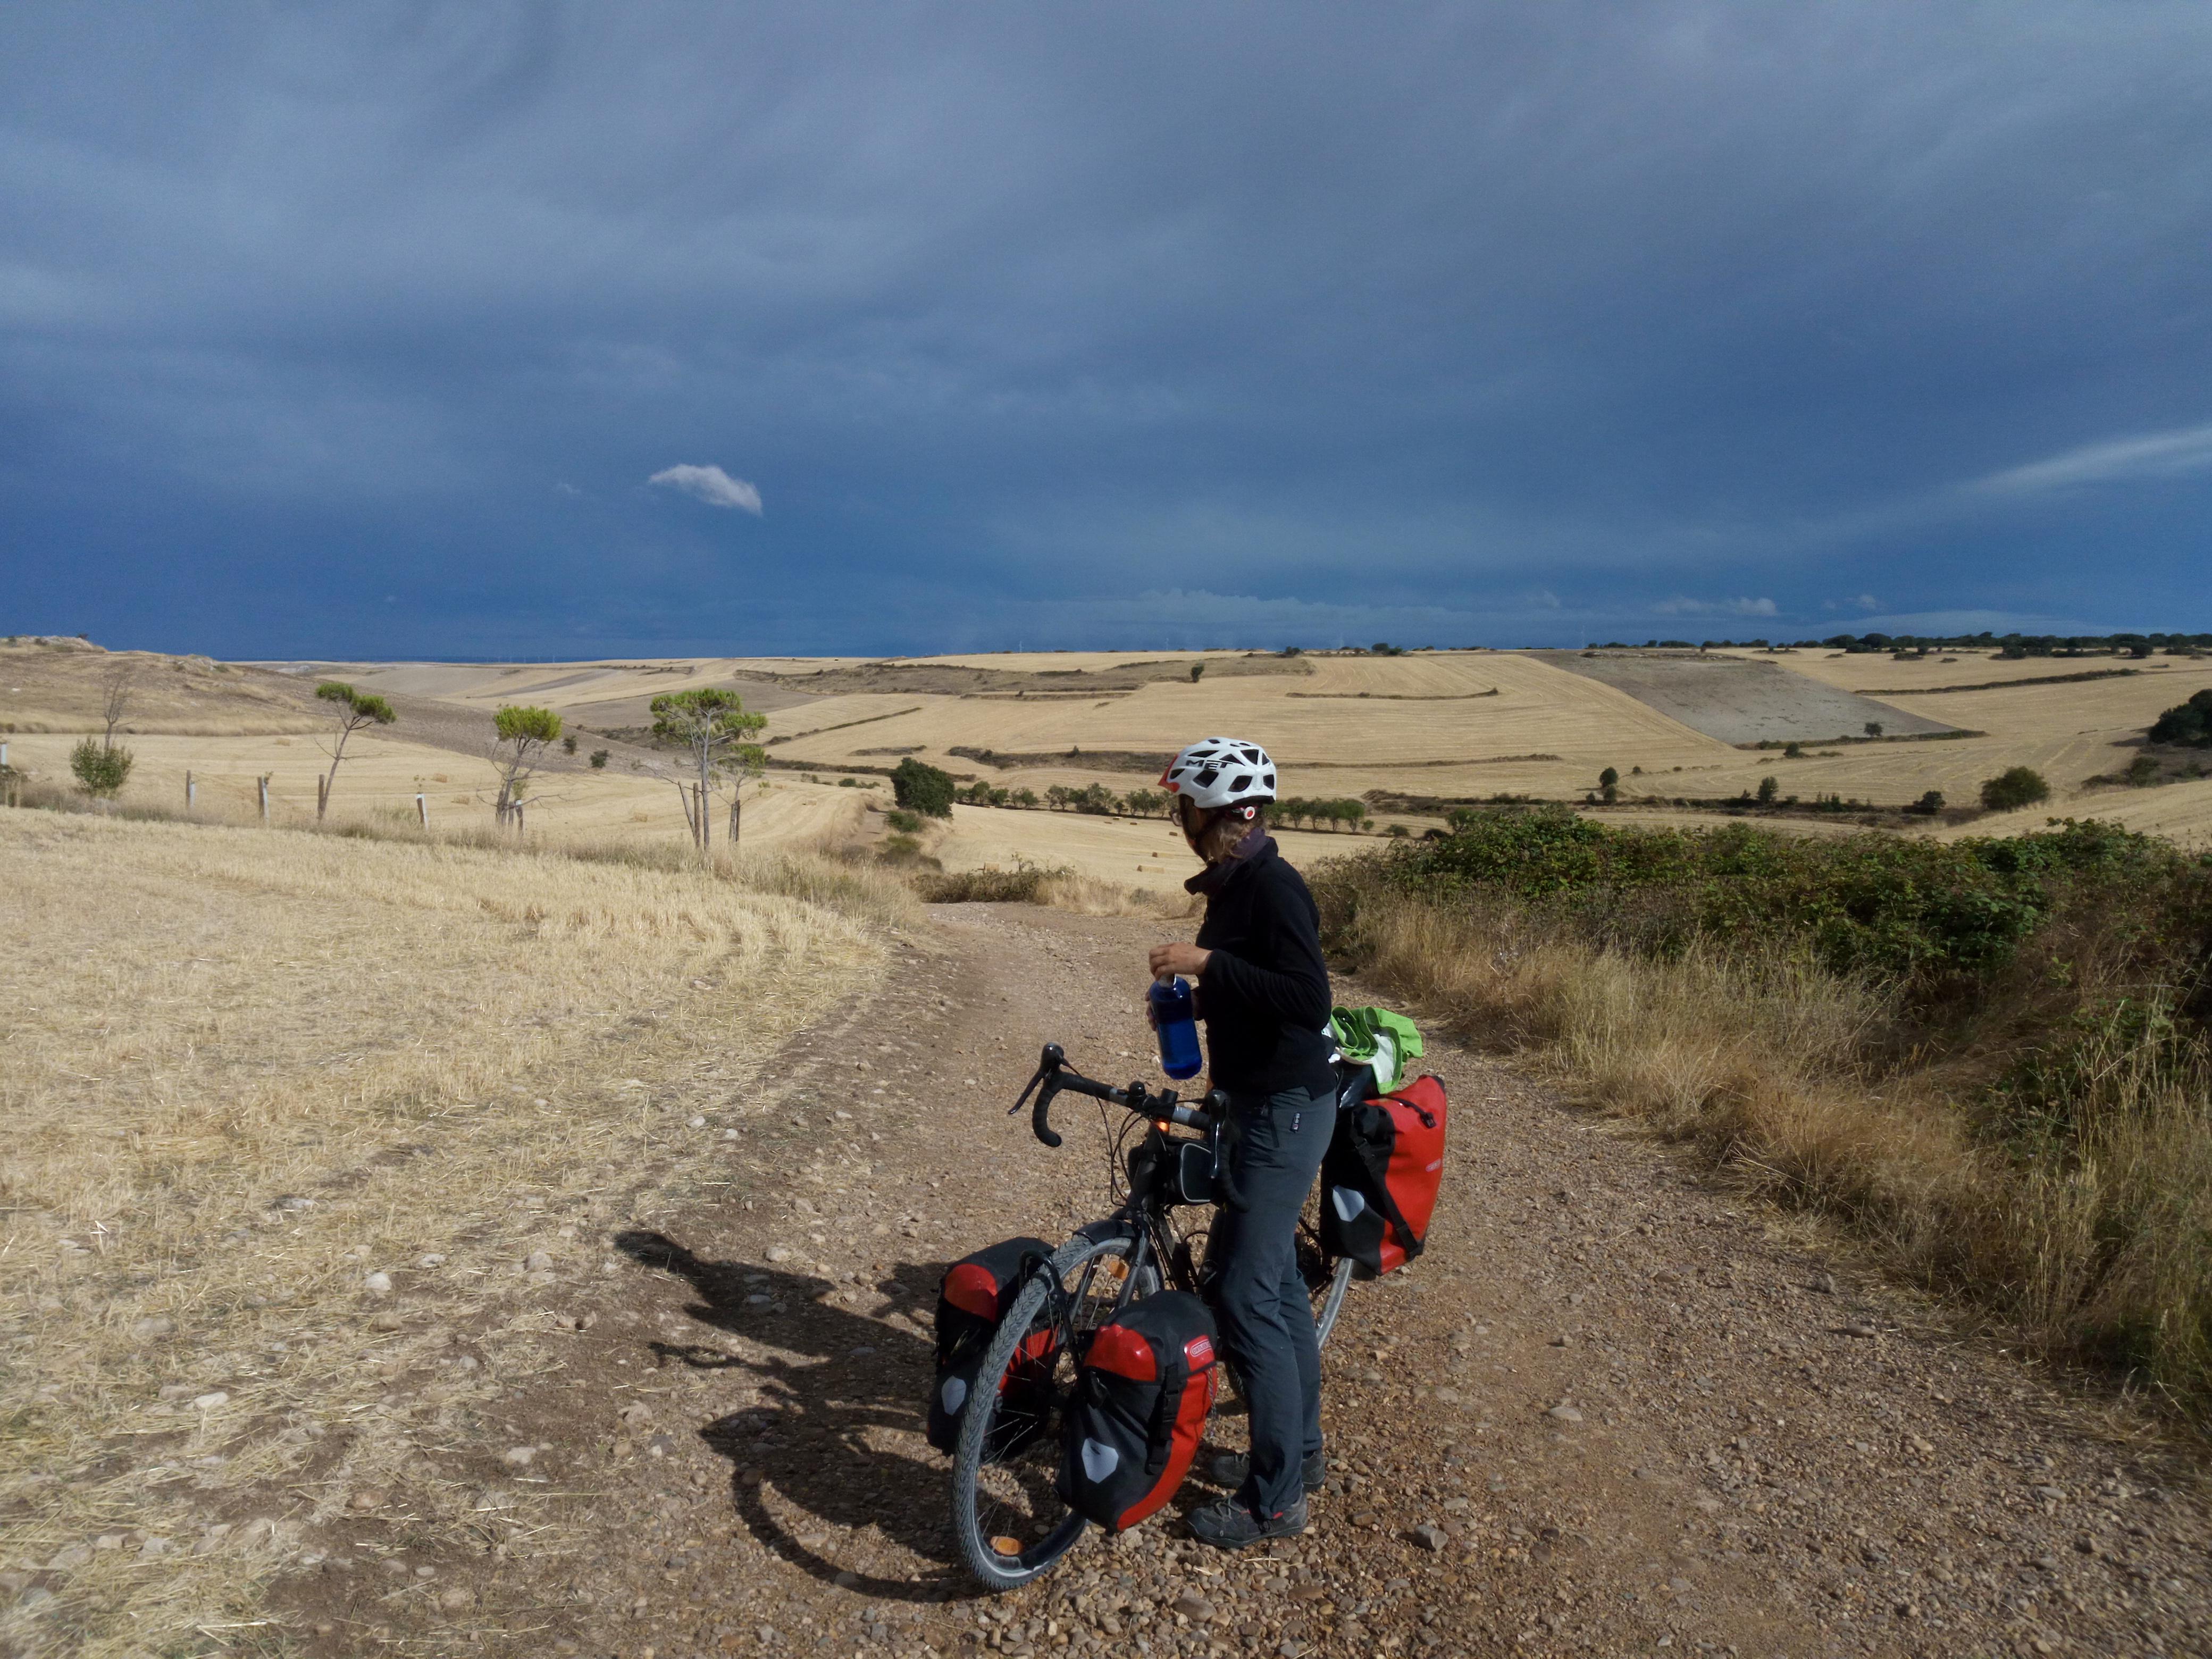 los angeles ab9be 743e3 Il Cammino di Santiago in bicicletta | Ciclabili Siciliane ...